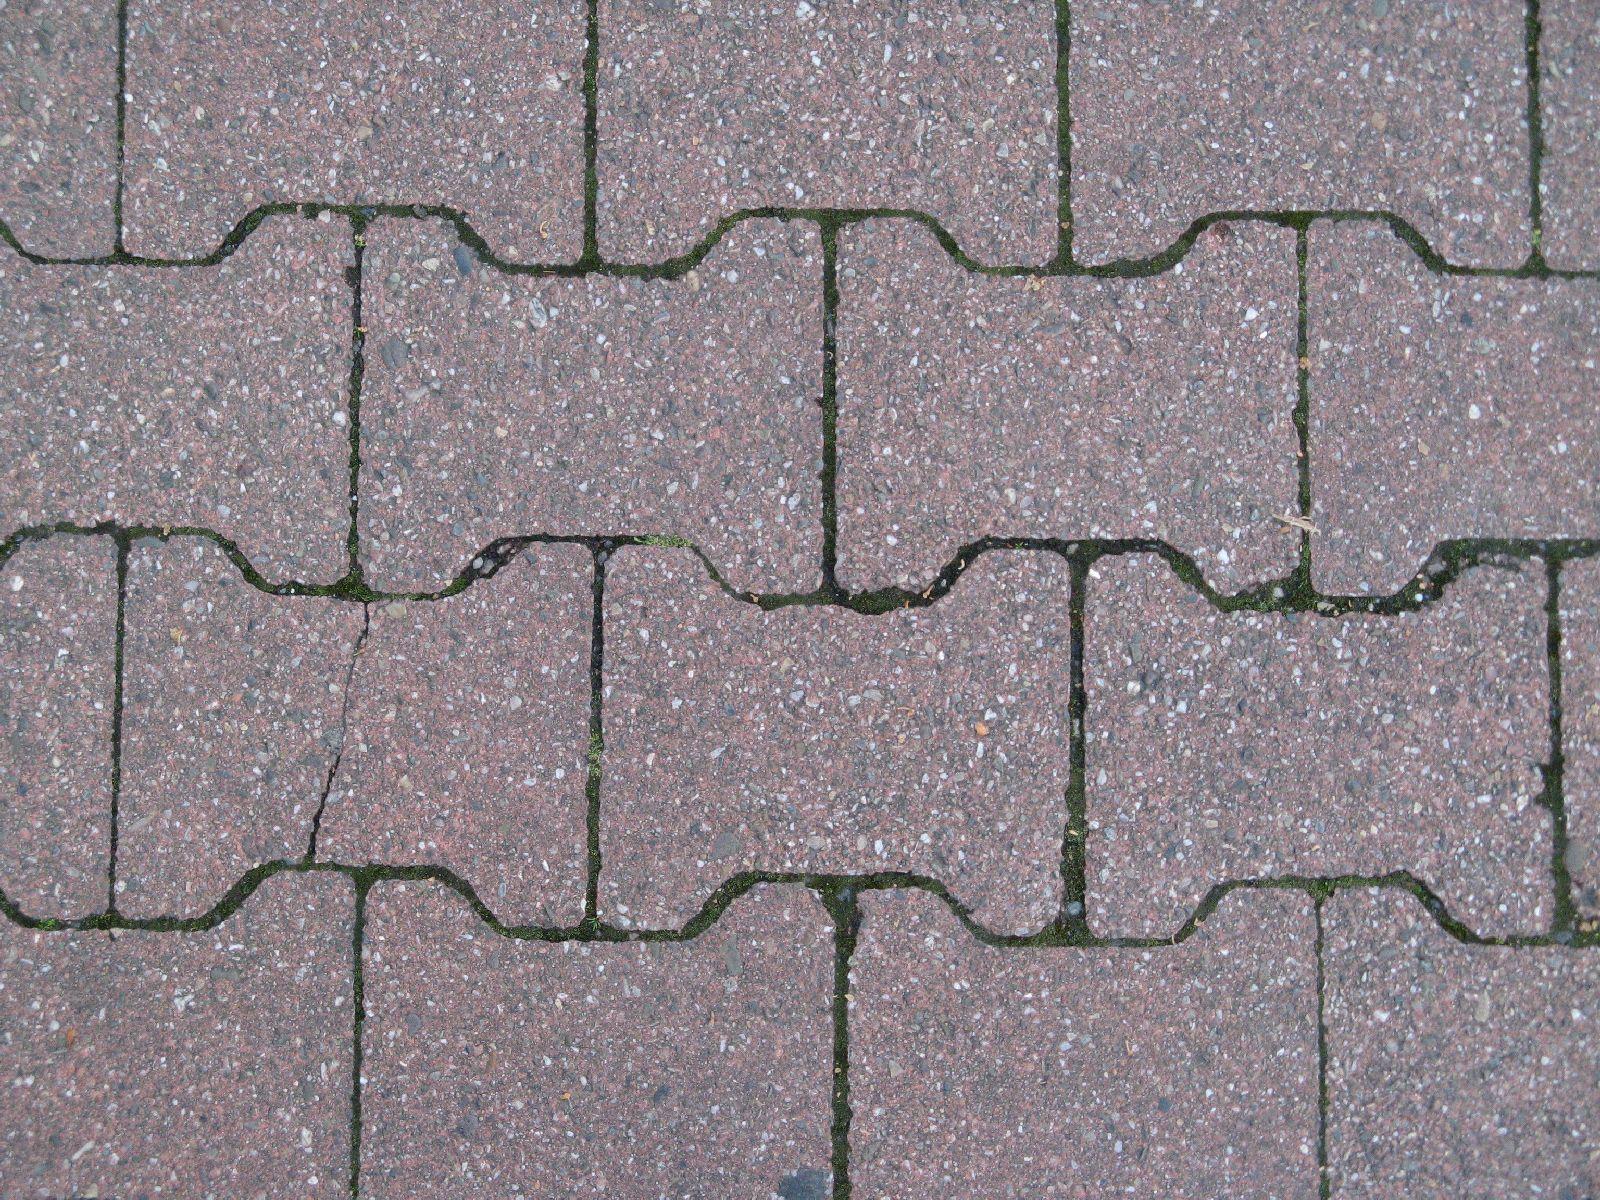 Boden-Gehweg-Strasse-Buergersteig-Textur_B_00716